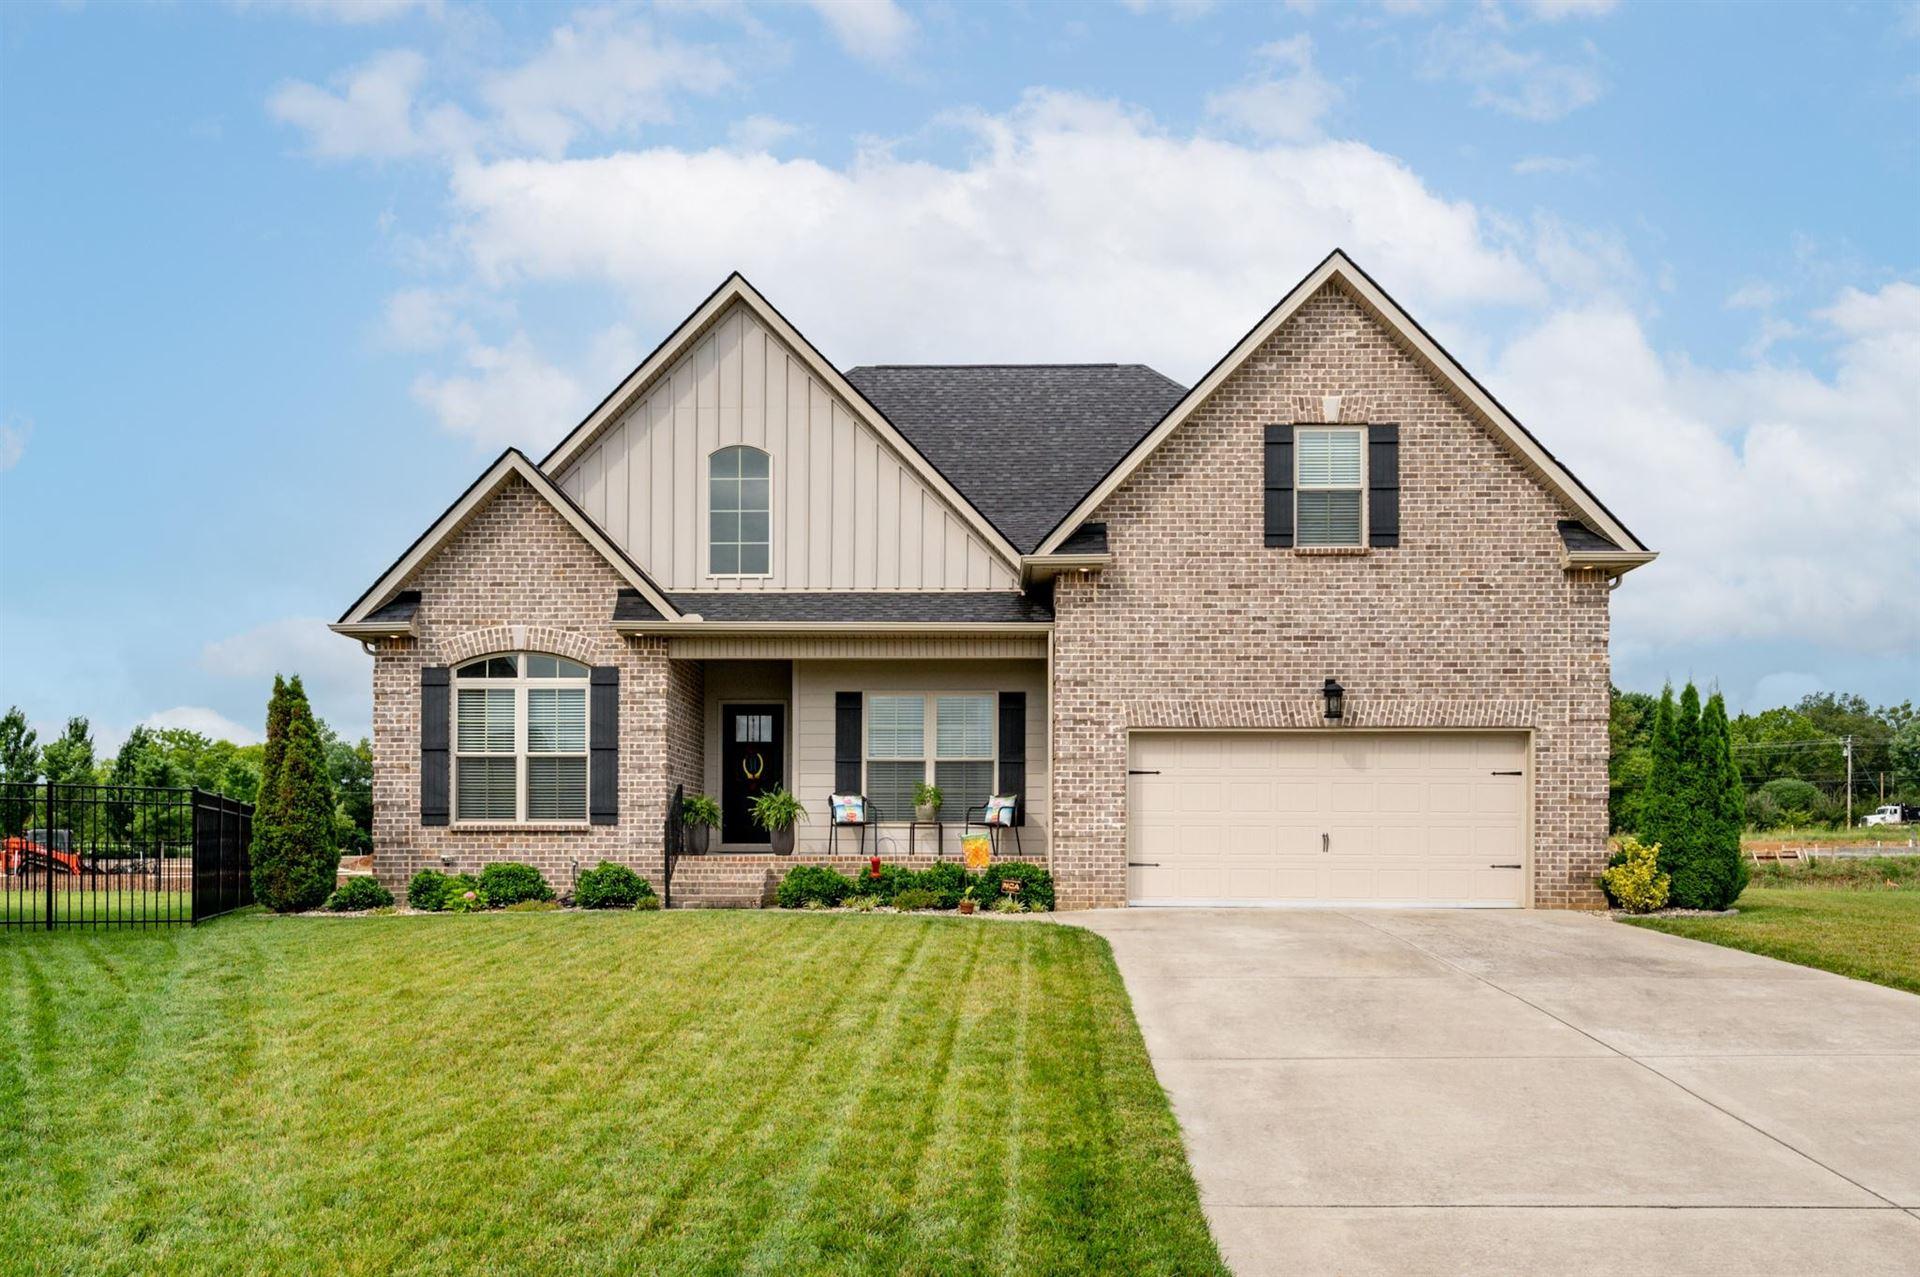 3802 Runyan Cove, Murfreesboro, TN 37127 - MLS#: 2275820